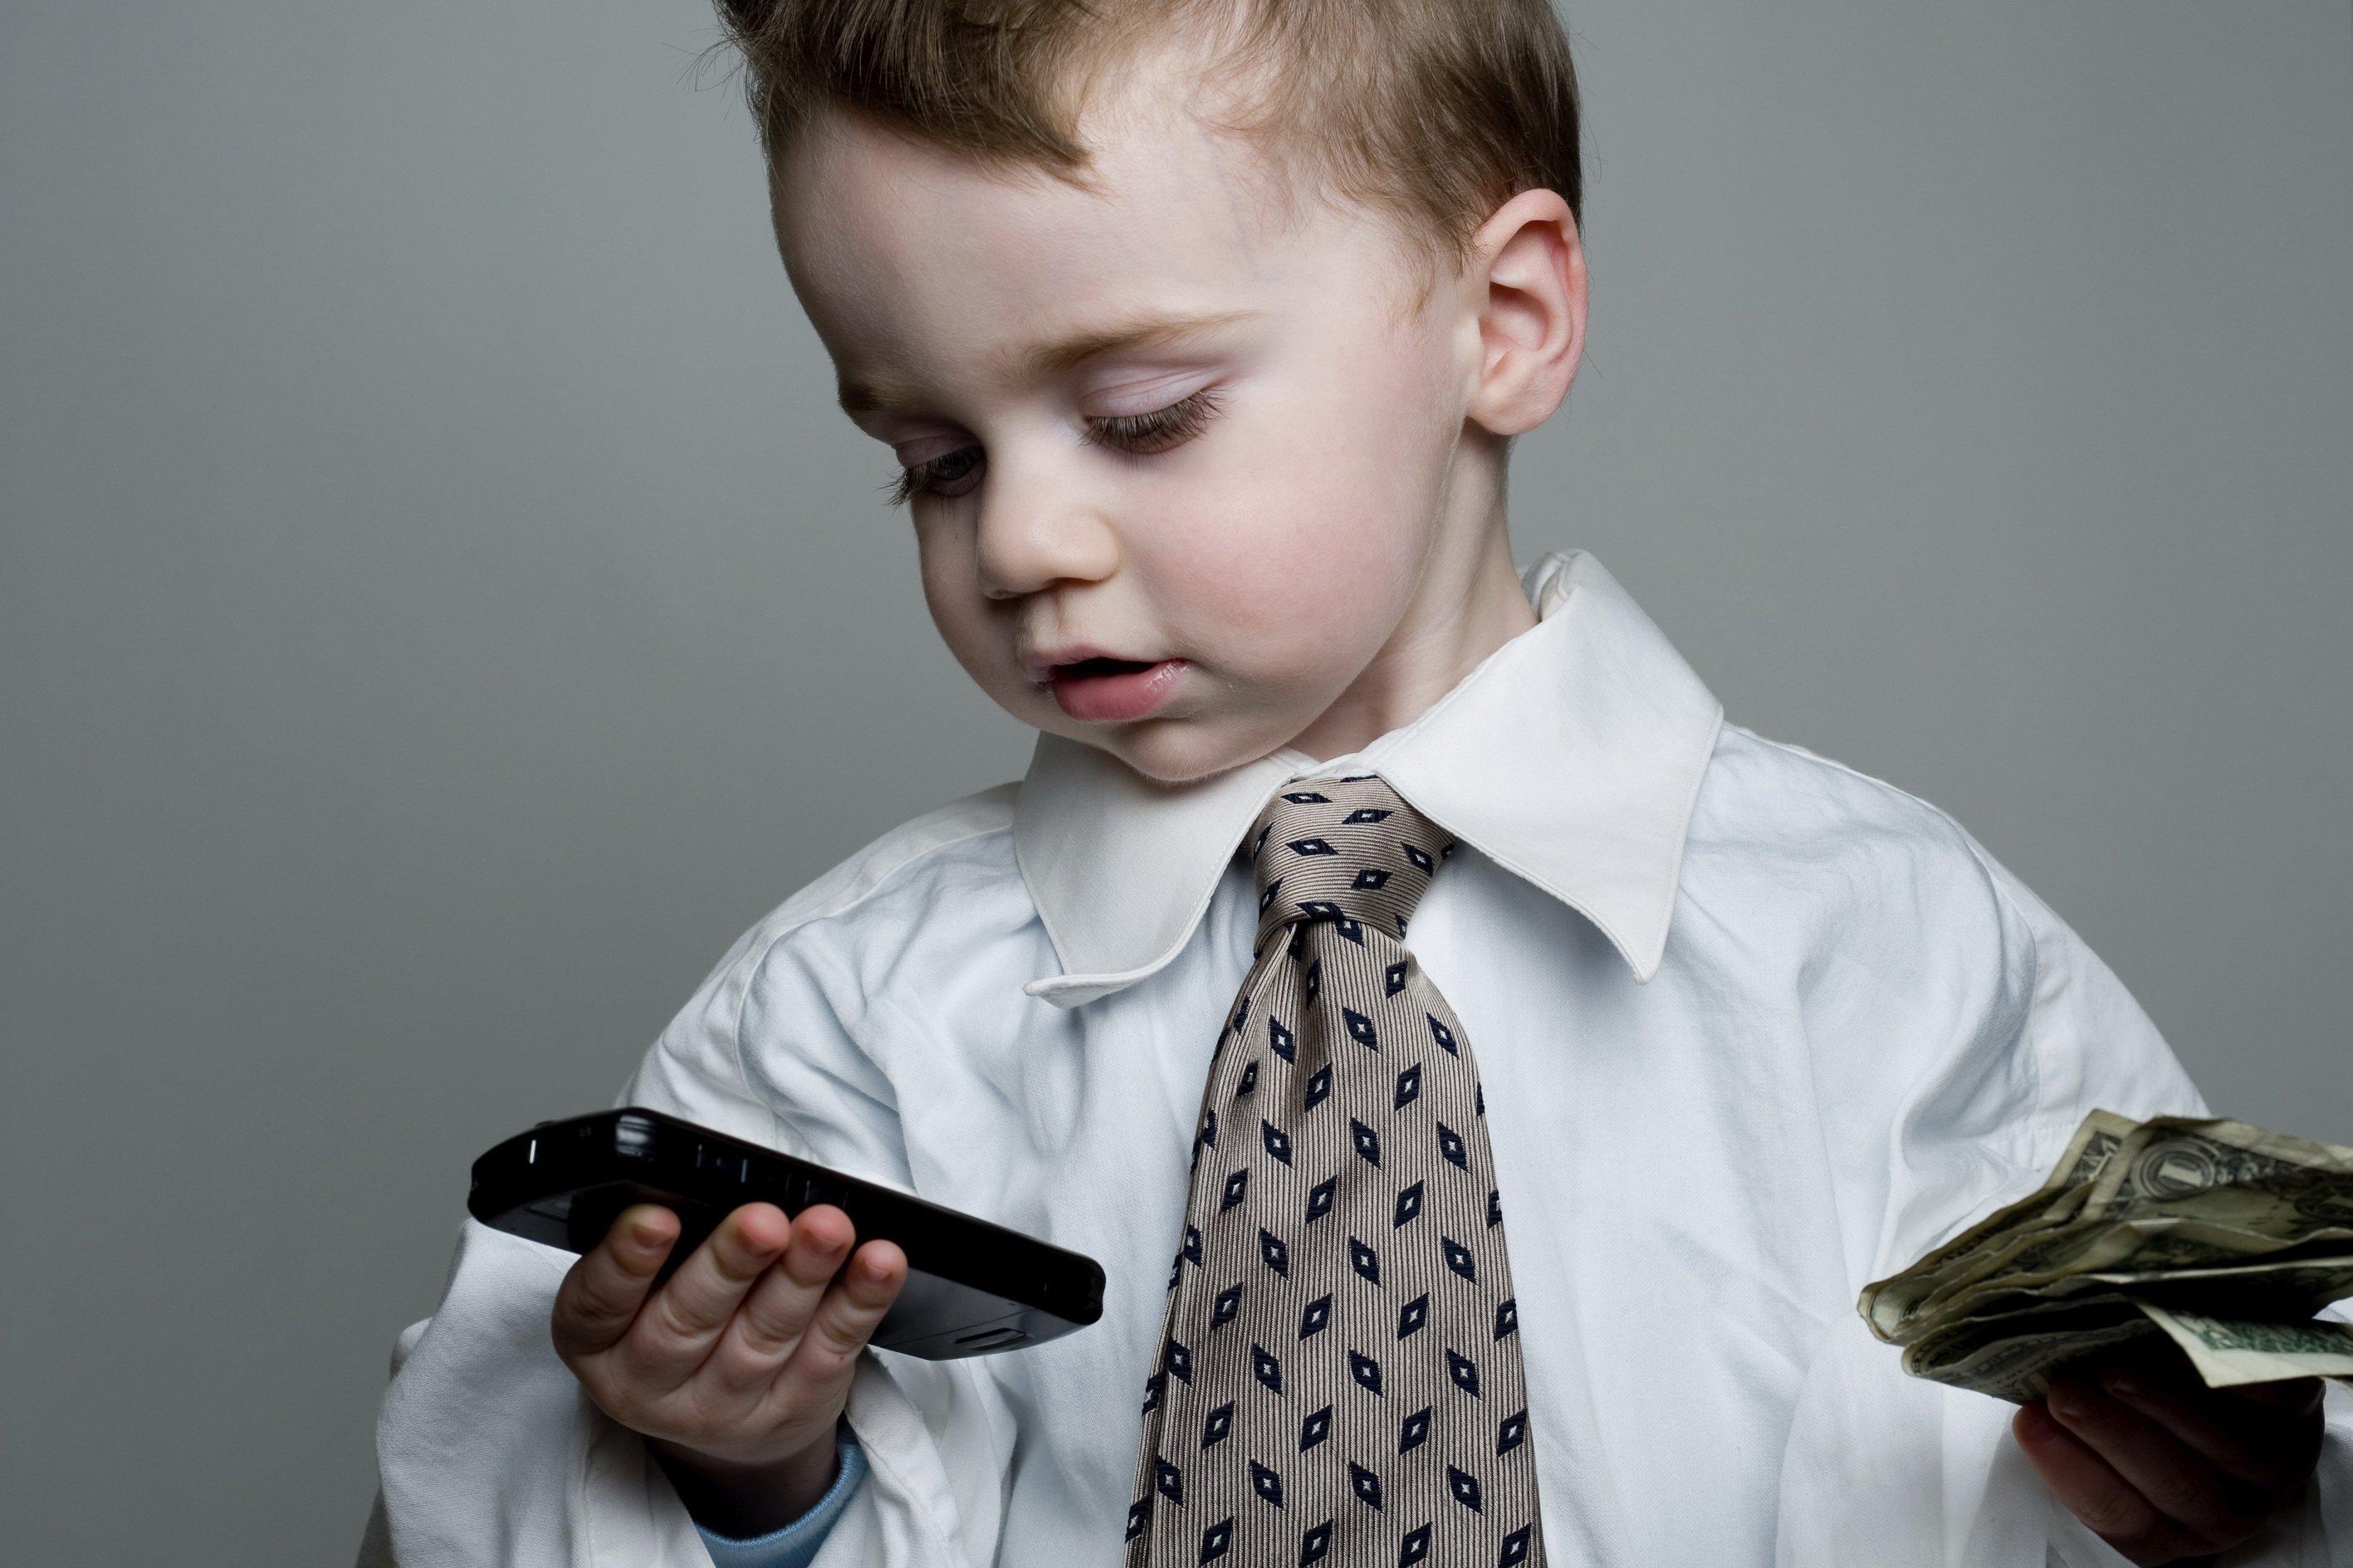 Из-за слишком бдительных родителей дети в социальных сетях оказались под угрозой